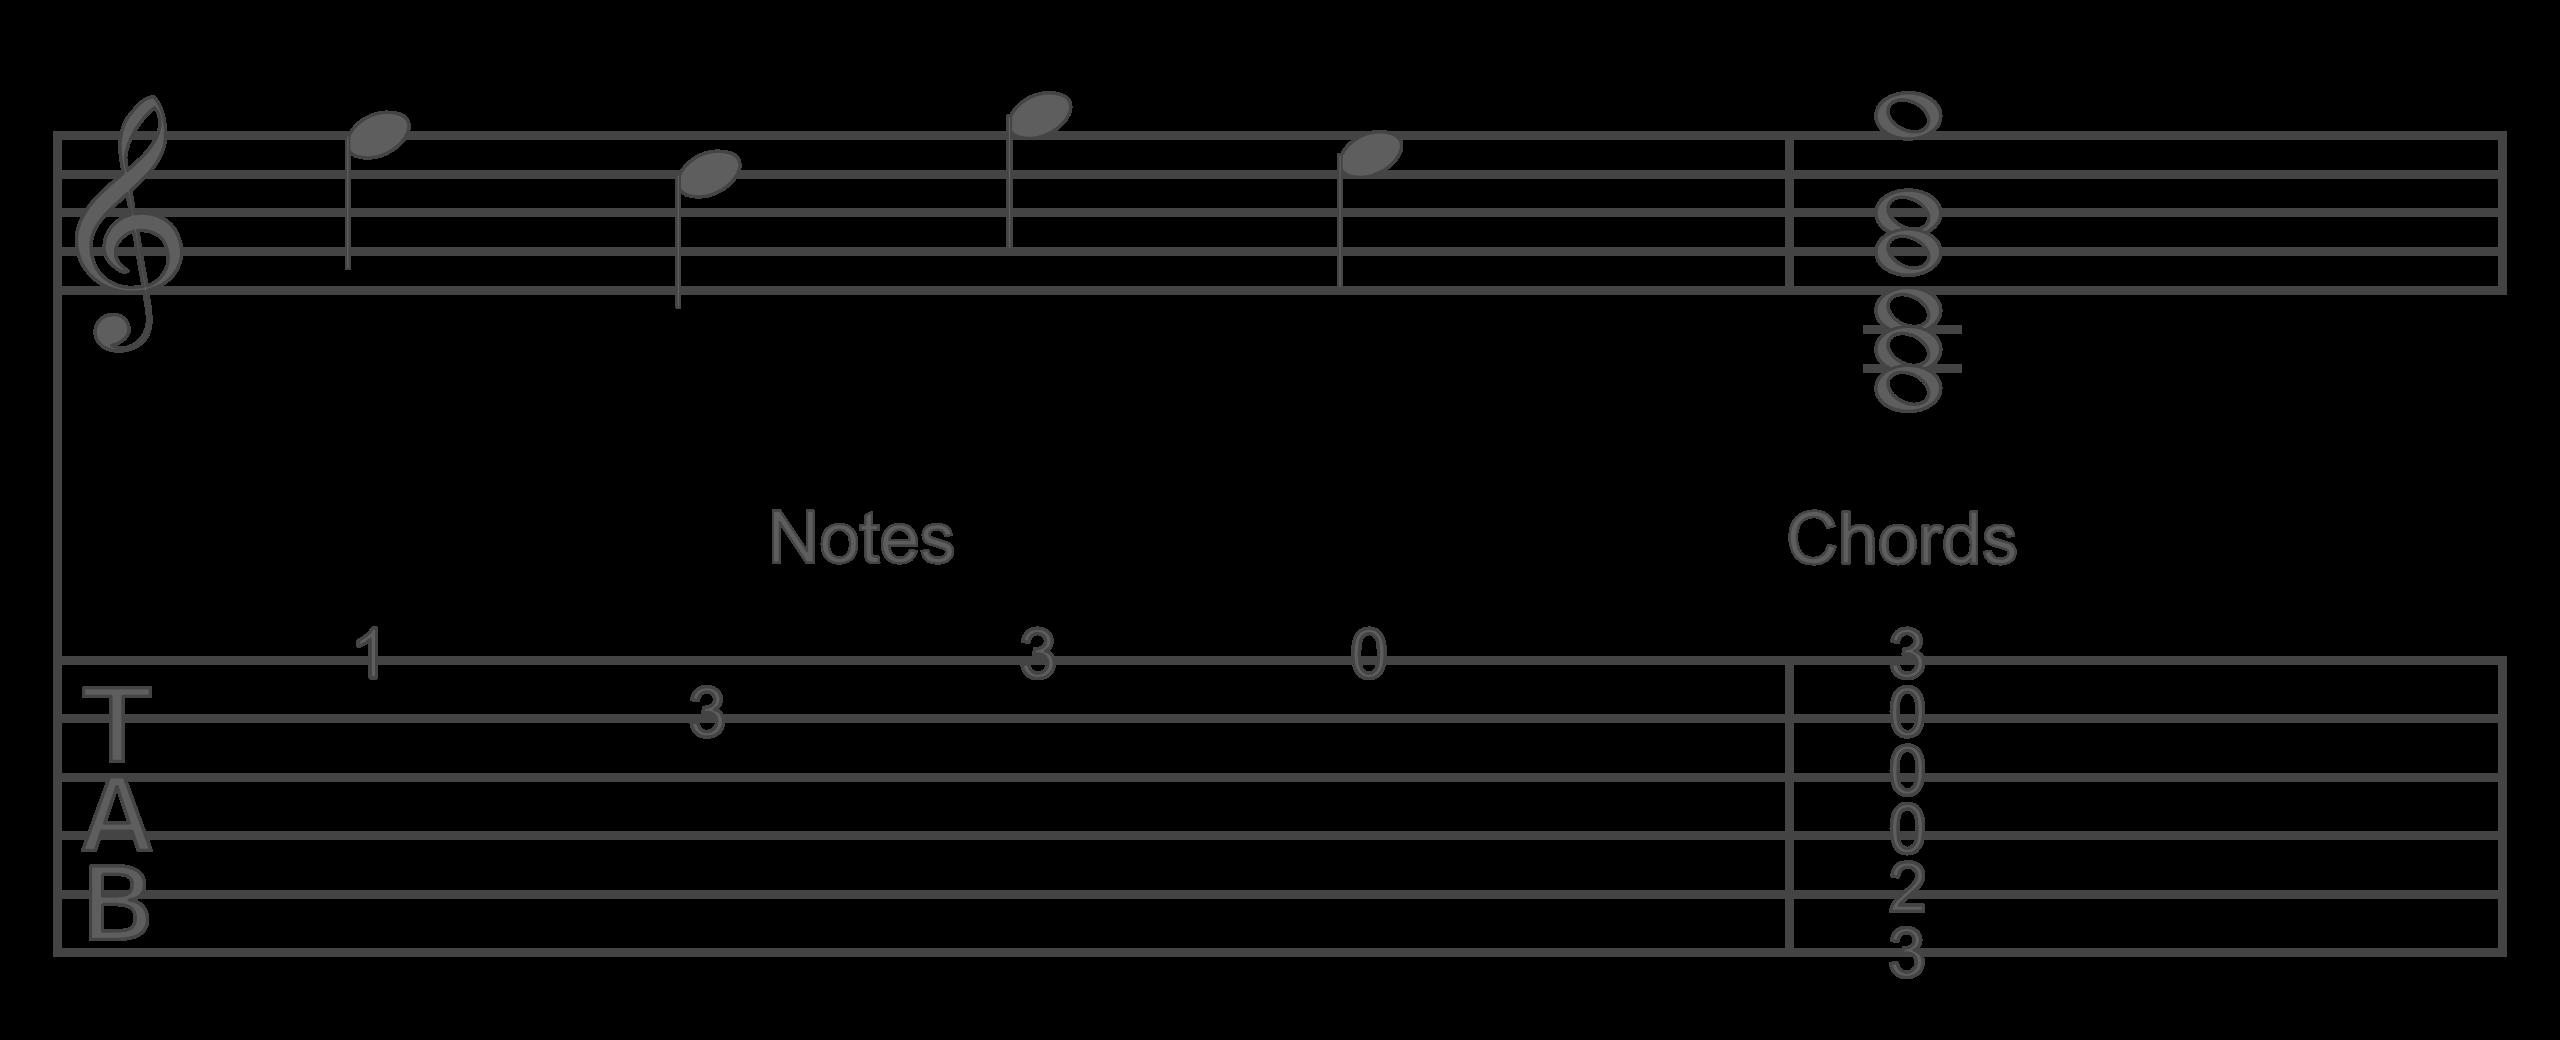 Tab Notes & Chords